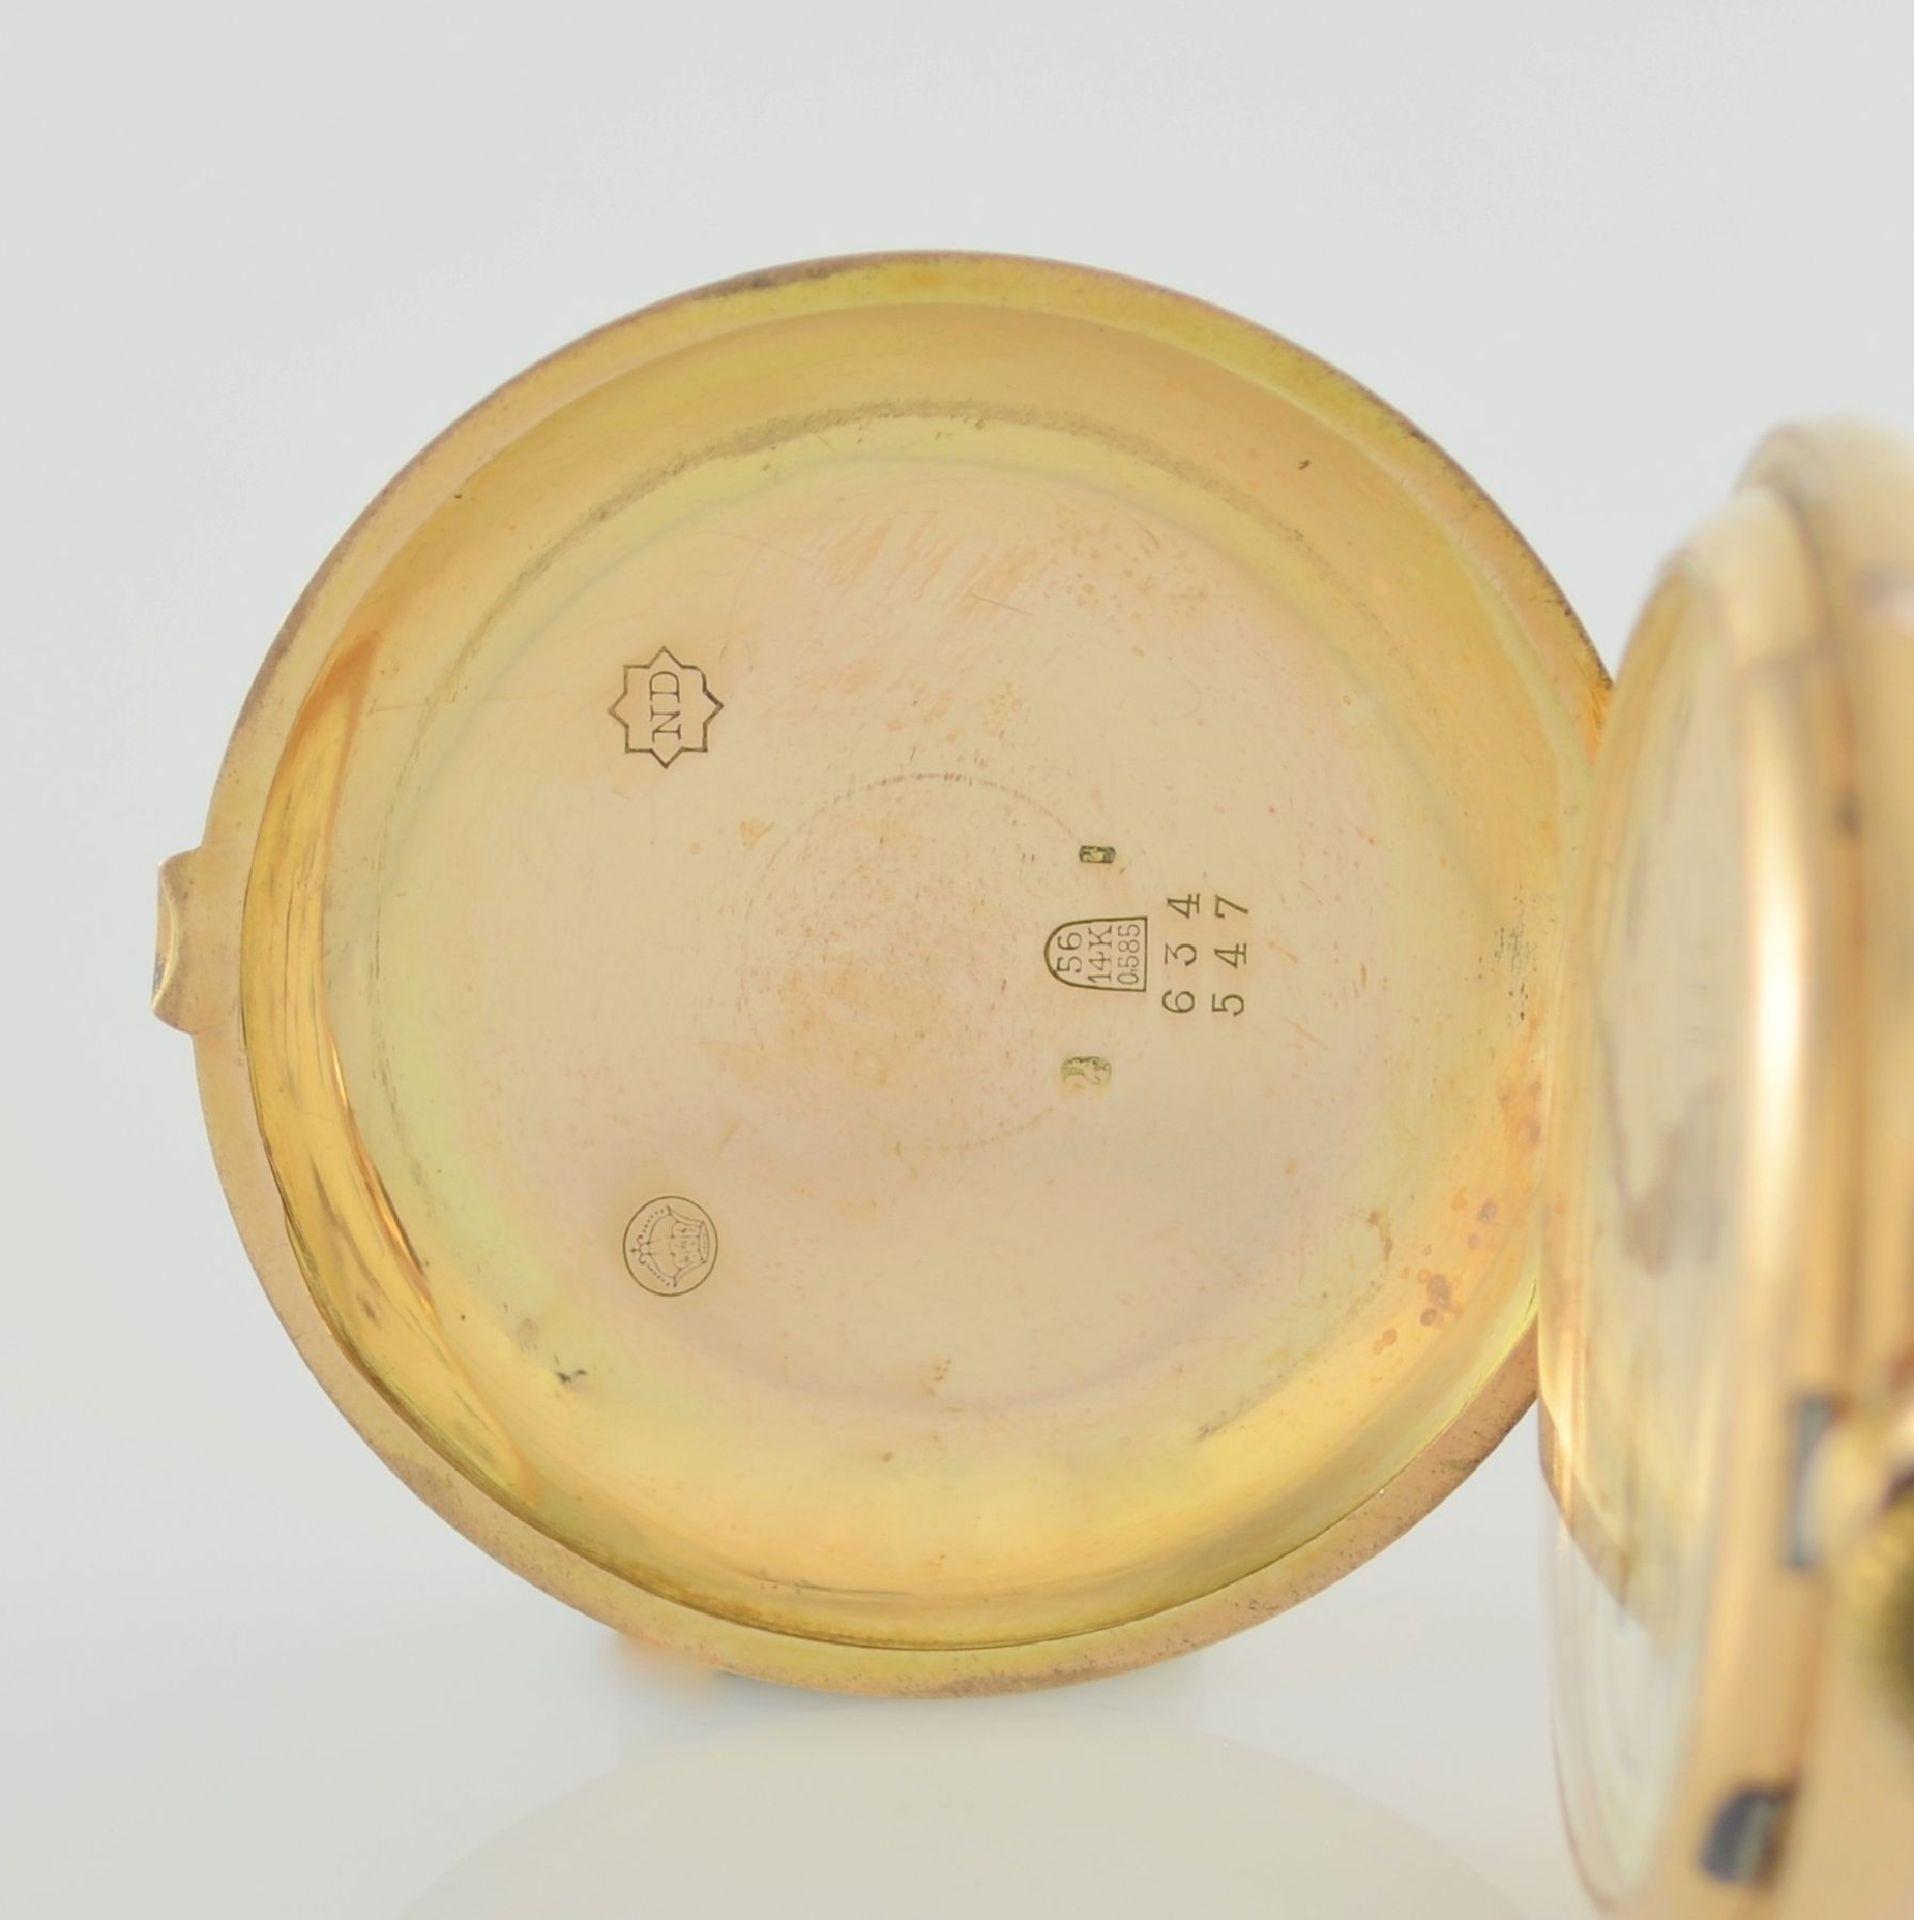 Herrensavonette in RG 585/000, Schweiz um 1900, guill. 3-Deckel-Goldgeh. dell. m. à- goutte- - Bild 3 aus 7